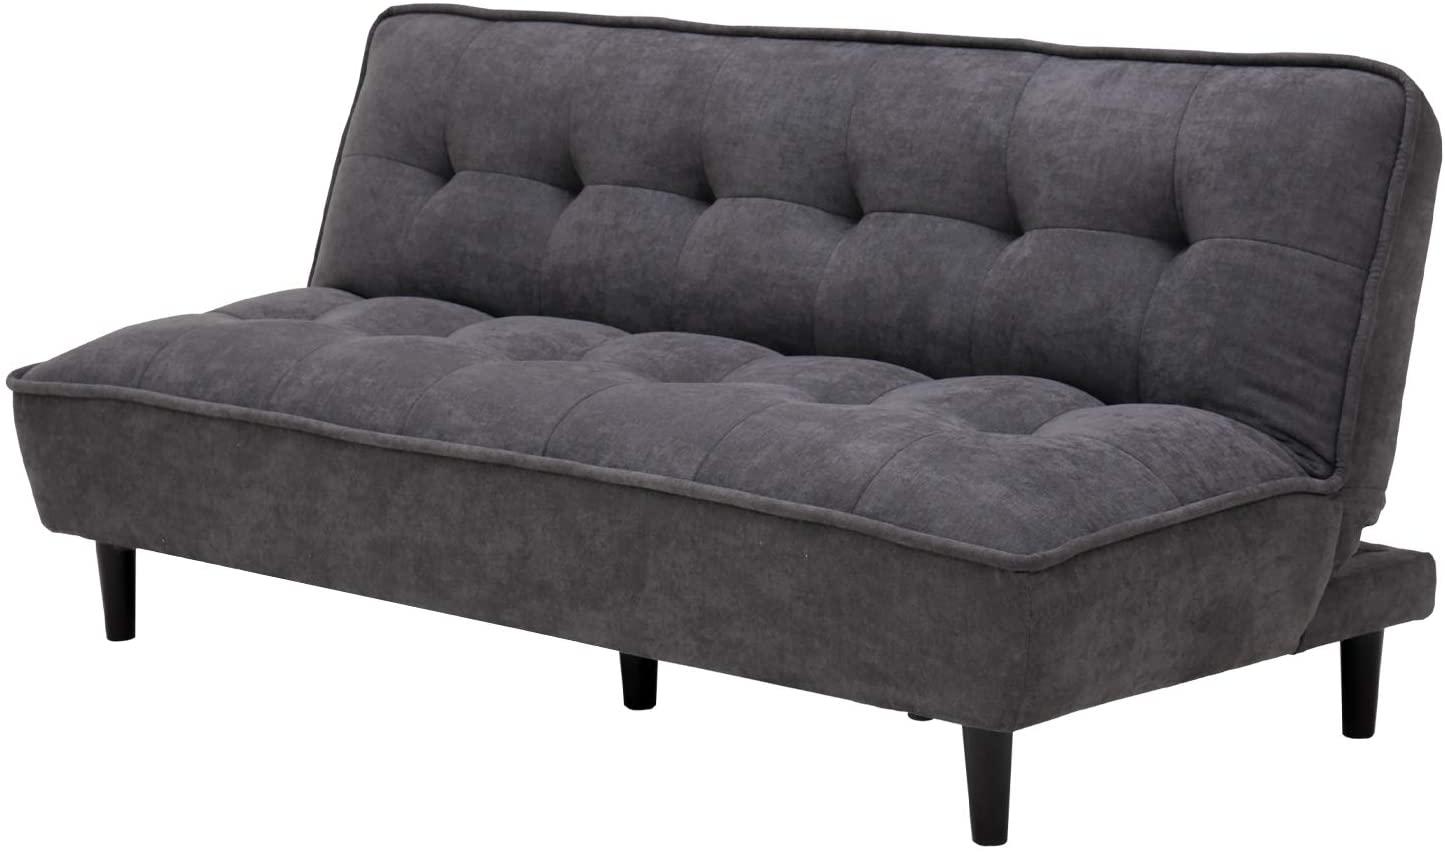 折りたたみ式ソファベッドのおすすめ16選!コンパクトサイズも